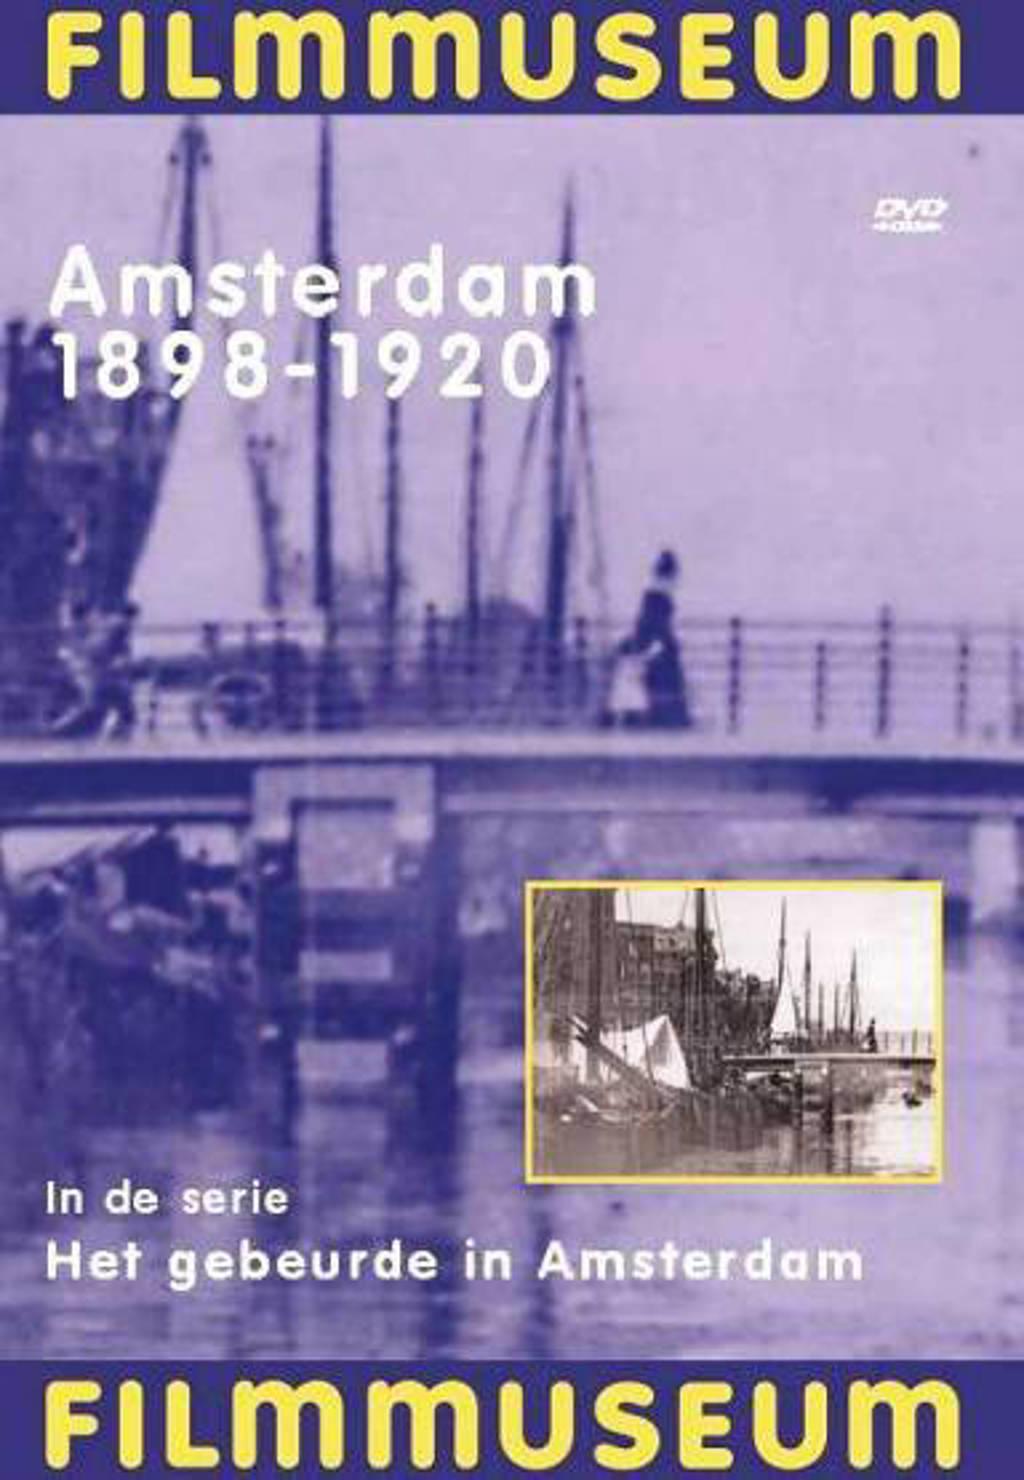 Amsterdam 1898-1920 (DVD)